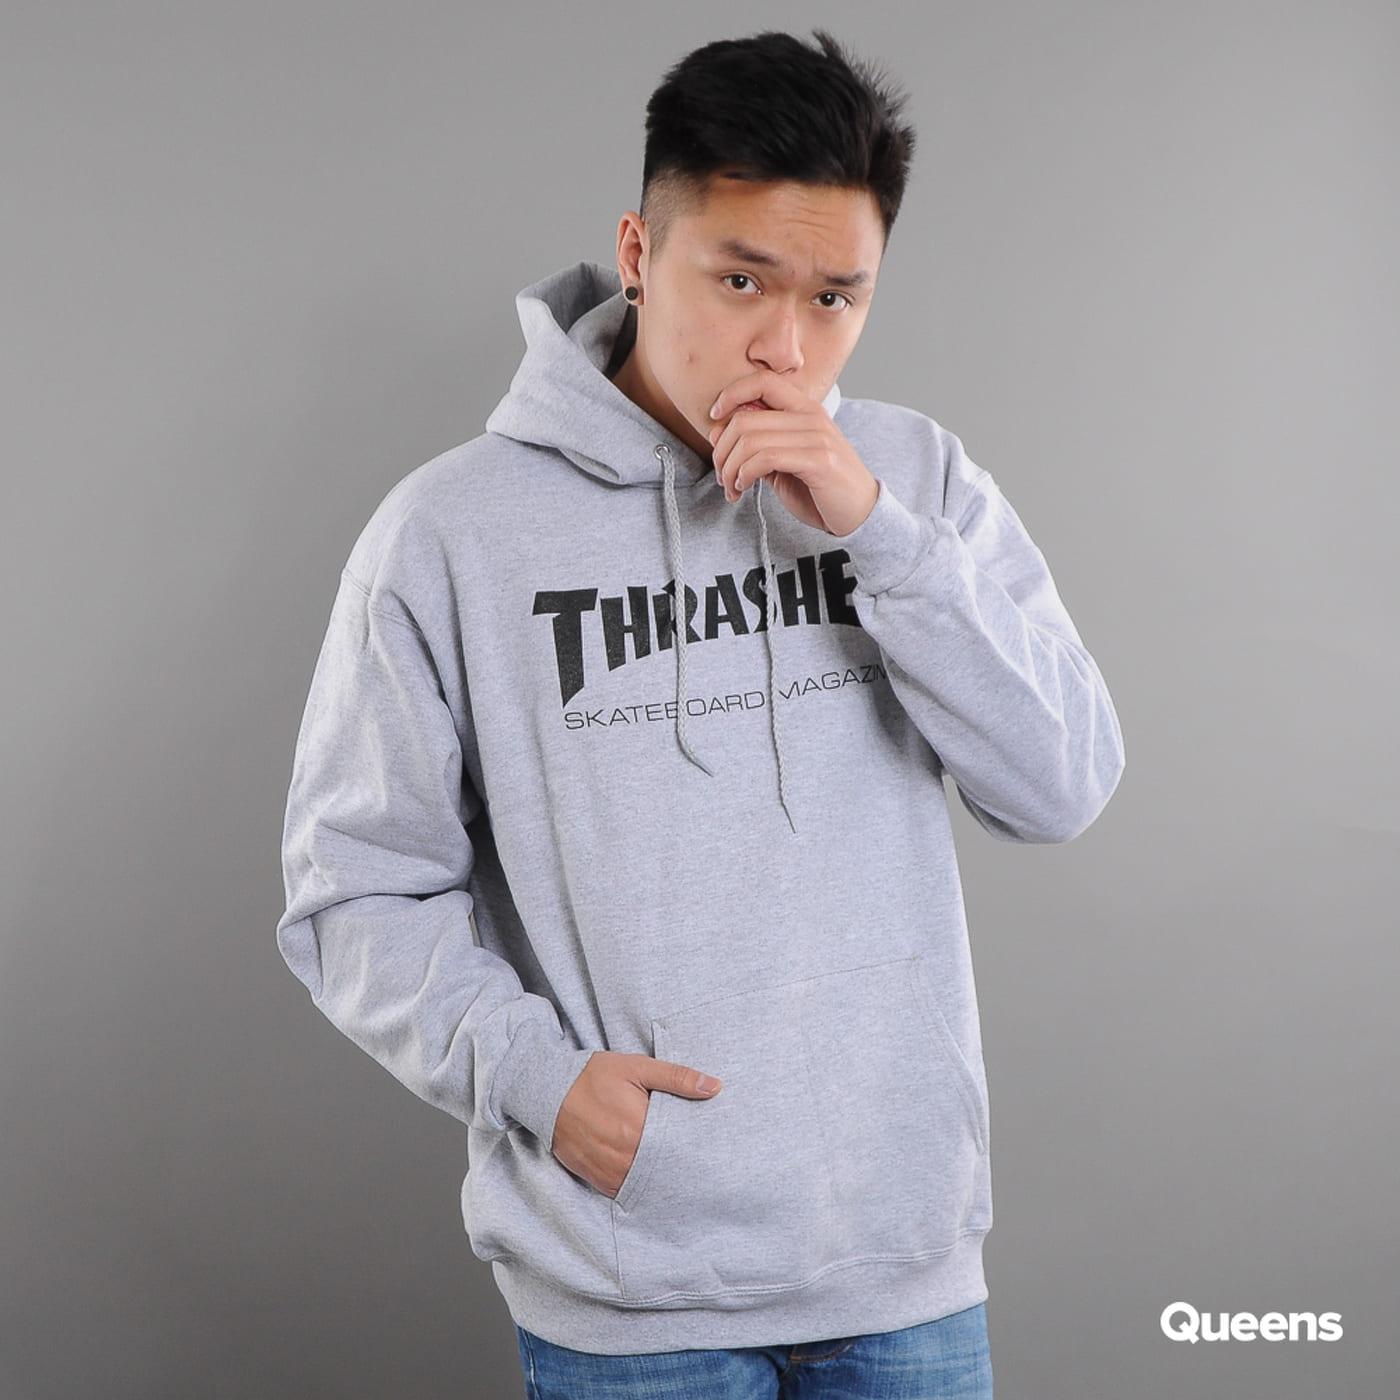 Thrasher Skate Mag Hoody melange gray